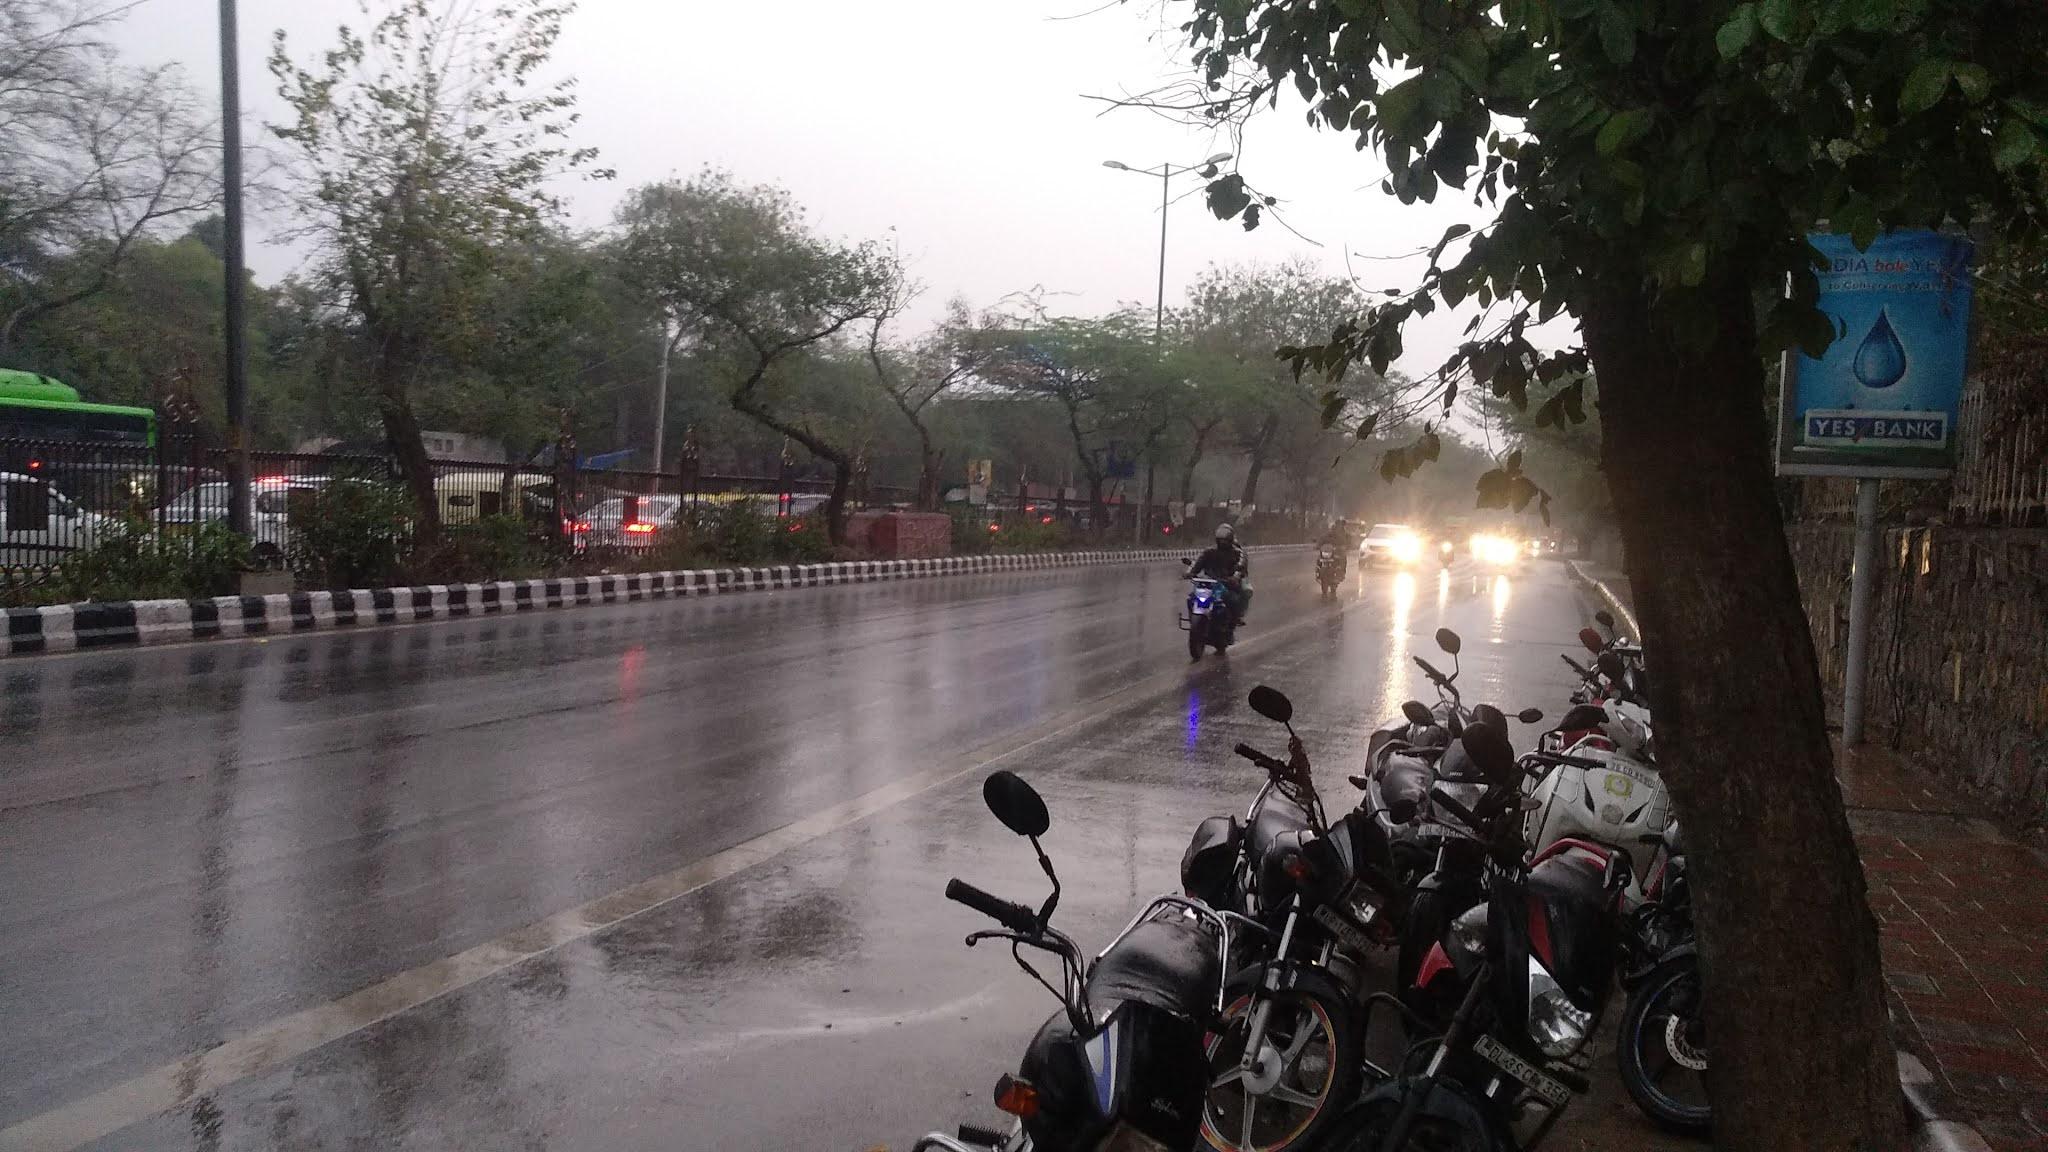 मौसम विभाग की चेतावनी, अगले 2 घंटे में  दिल्ली और आसपास के इलाकों में होगी भारी बारिश